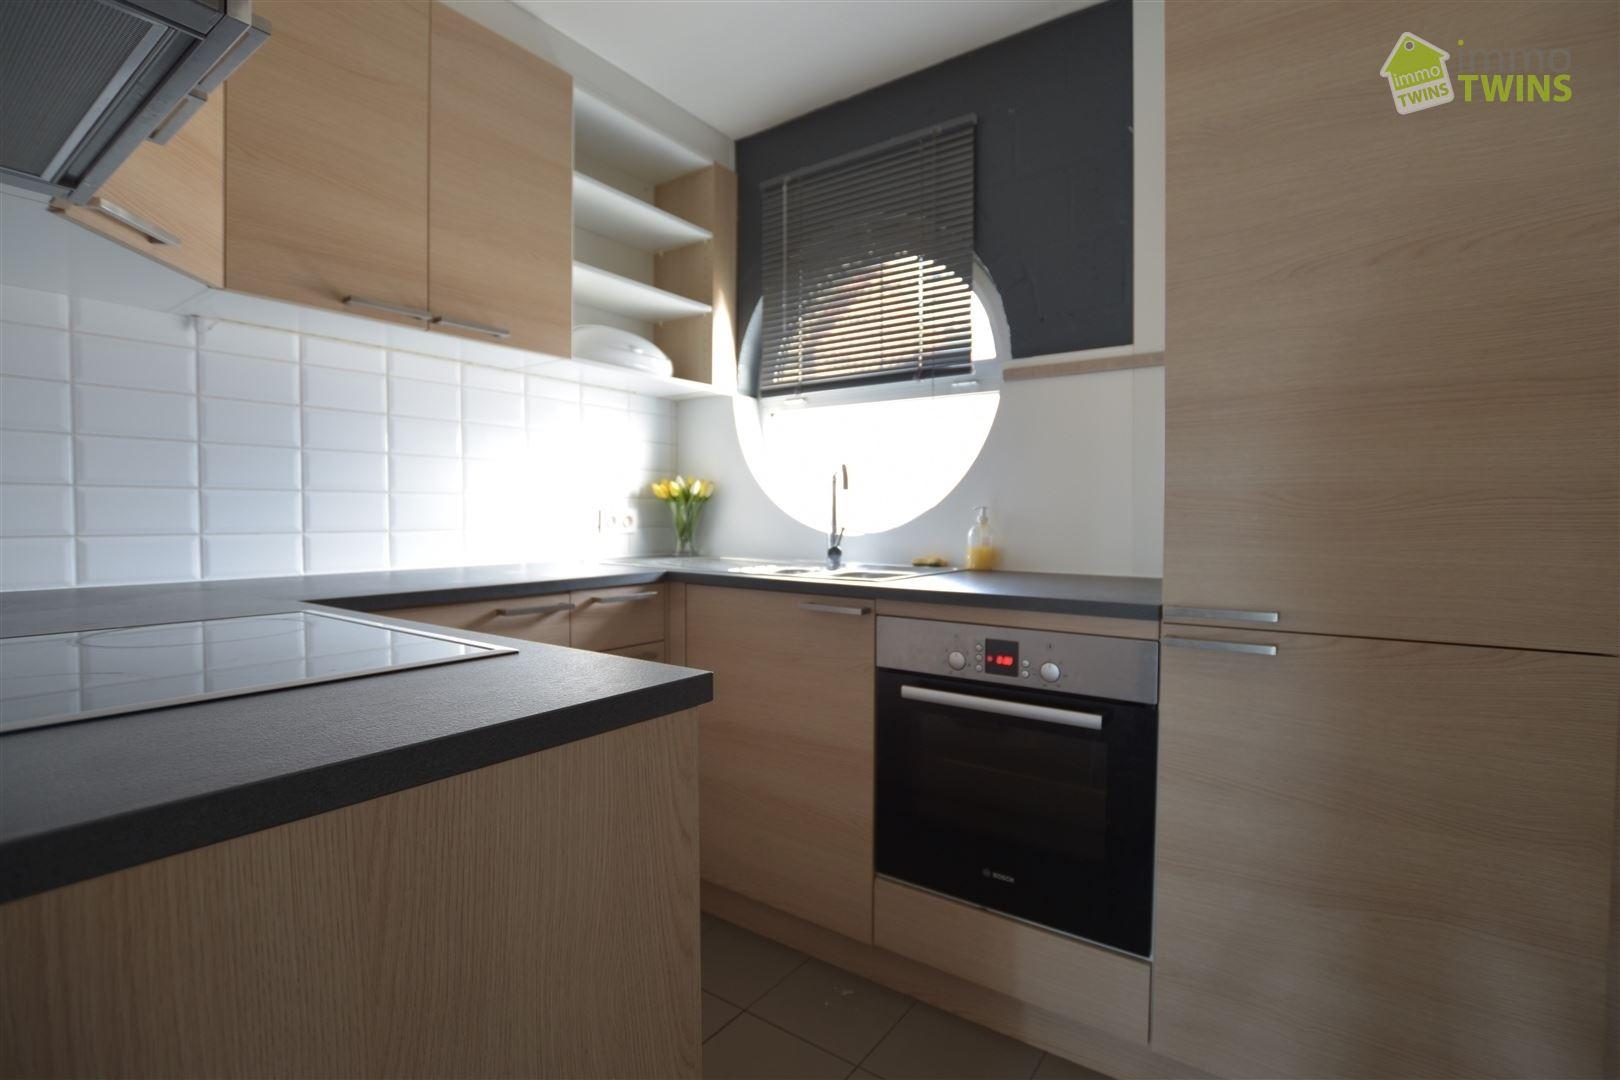 Foto 6 : Duplex/triplex te 9280 LEBBEKE (België) - Prijs € 257.000